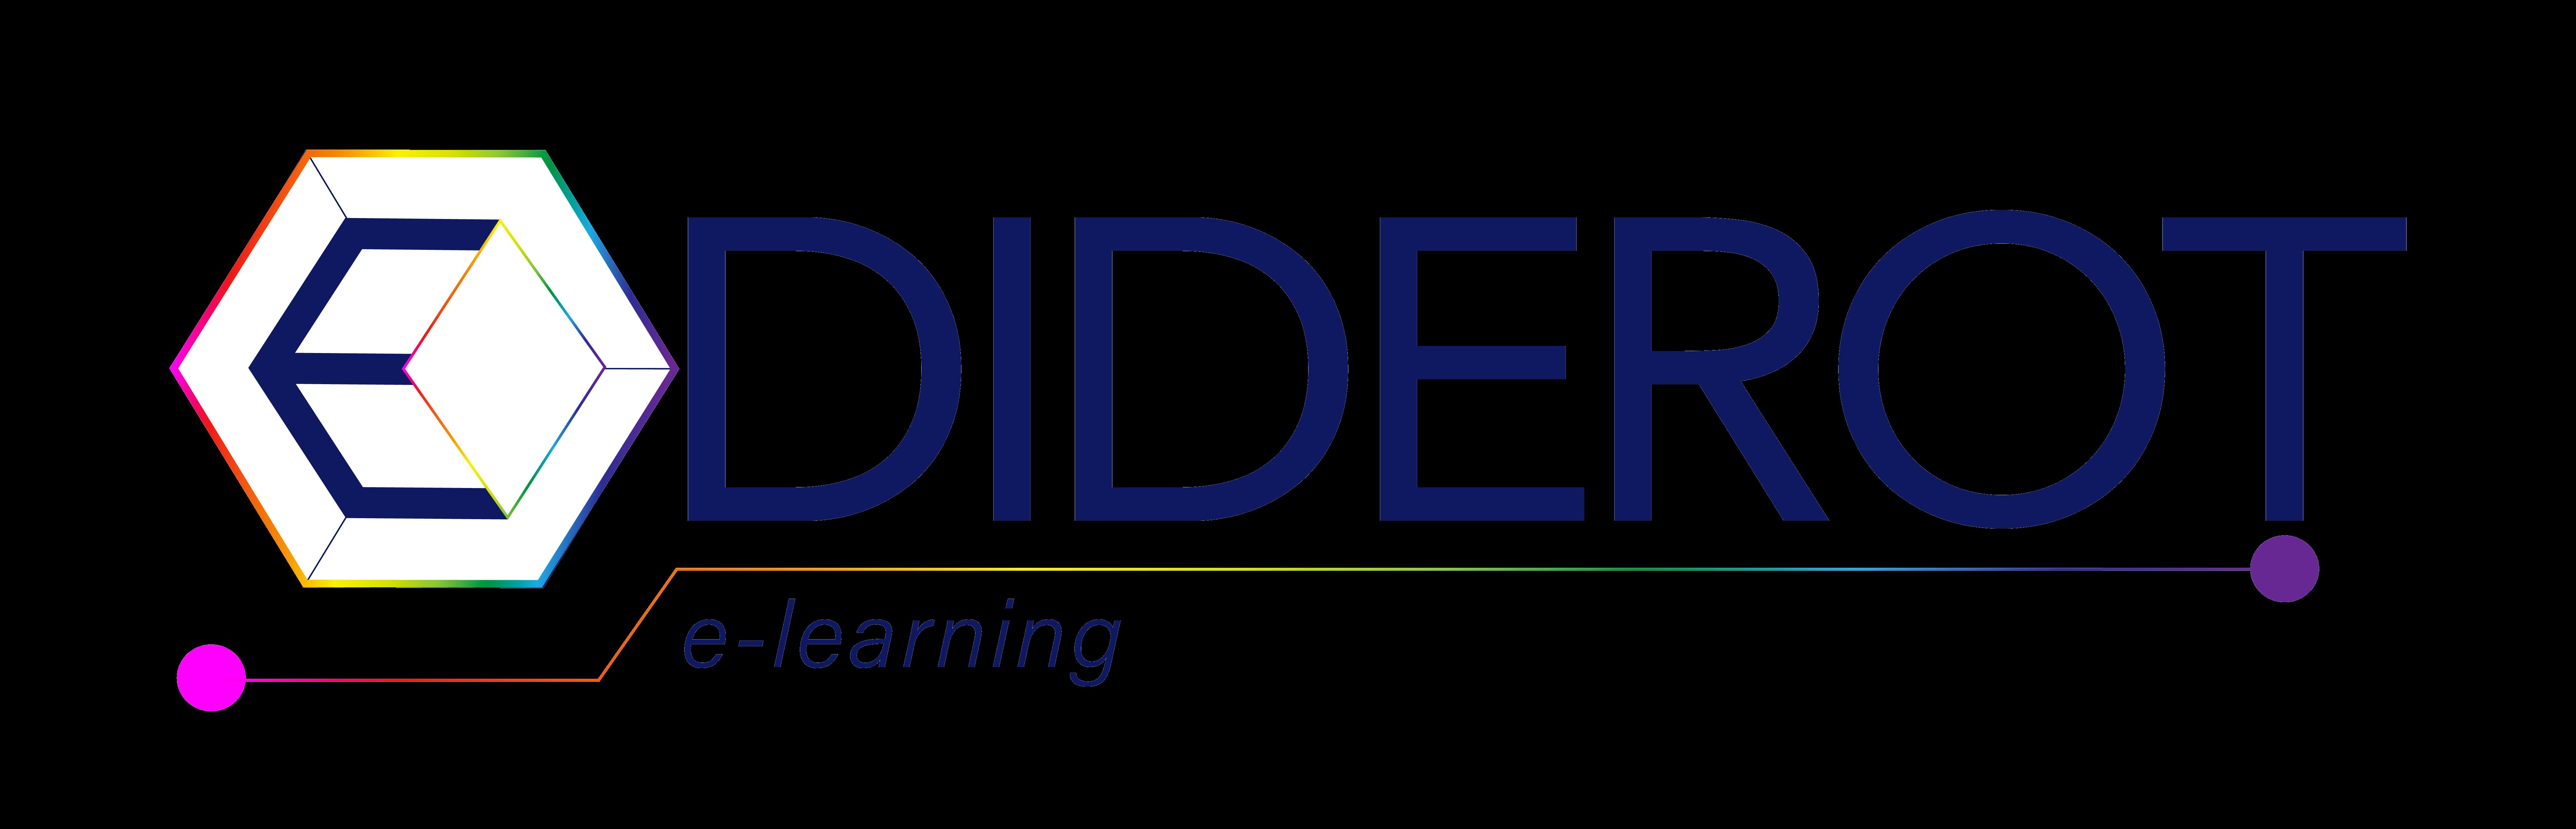 e-Diderot